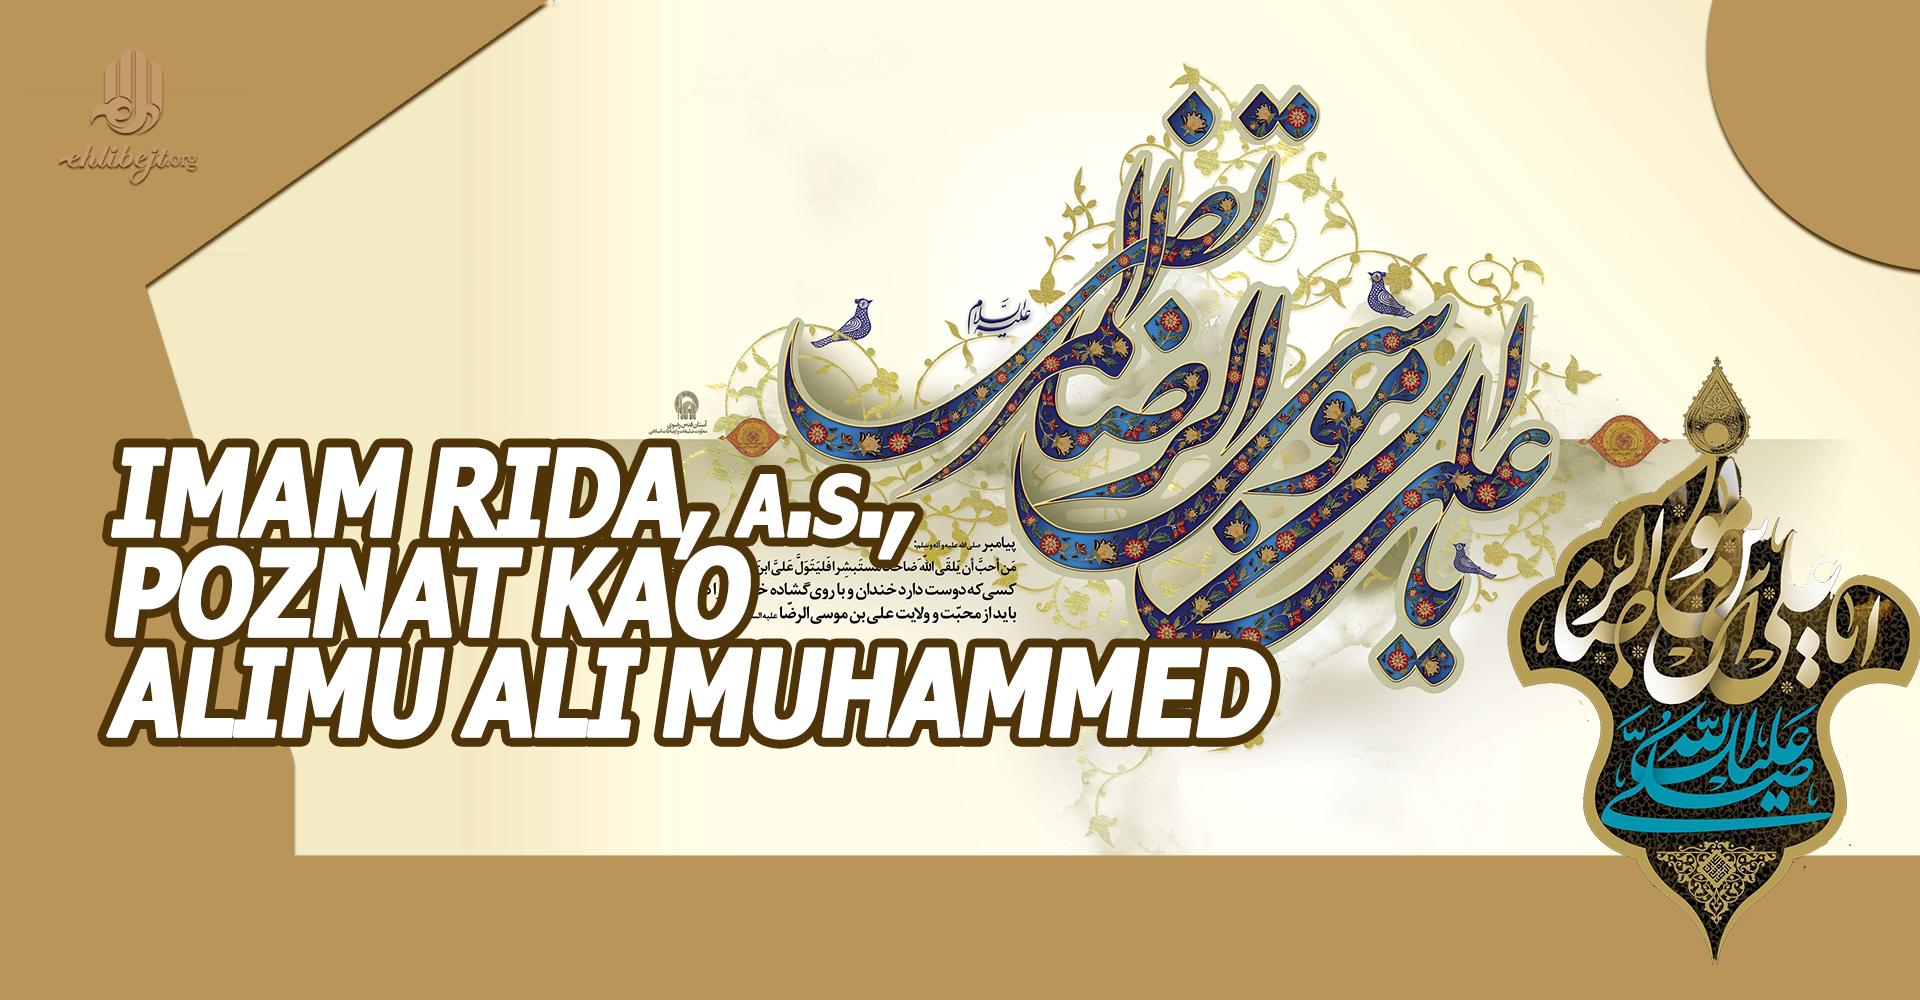 Zašto je Imam Rida, a.s., poznat kao učenjak, tj. Alimu Ali Muhammed?